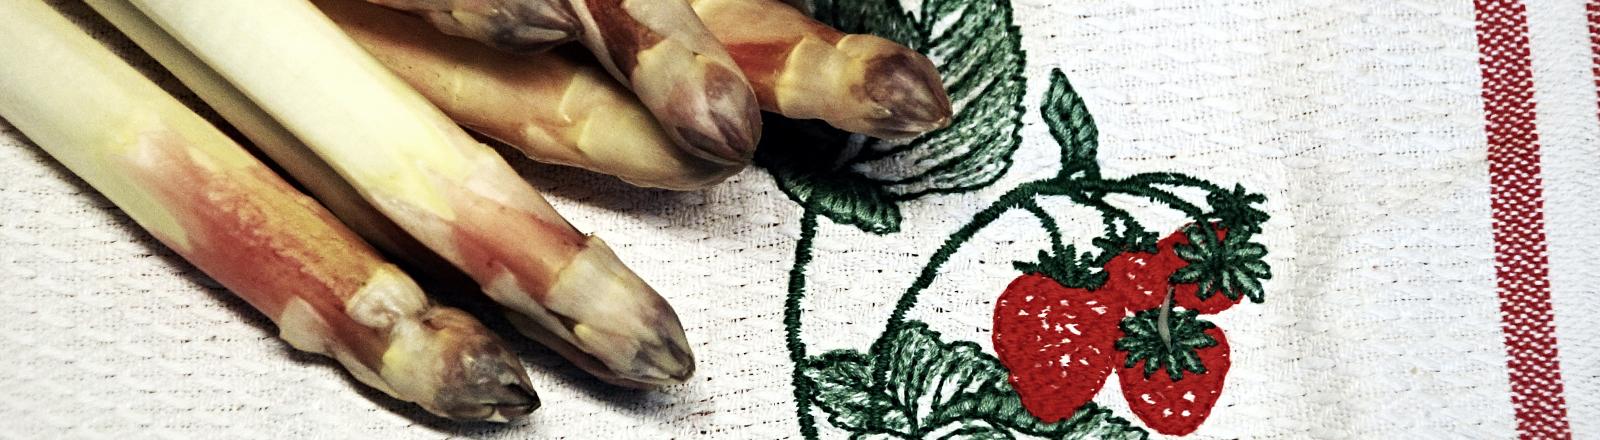 Frischer Spargel auf Küchentuch mit Erdbeermotiv